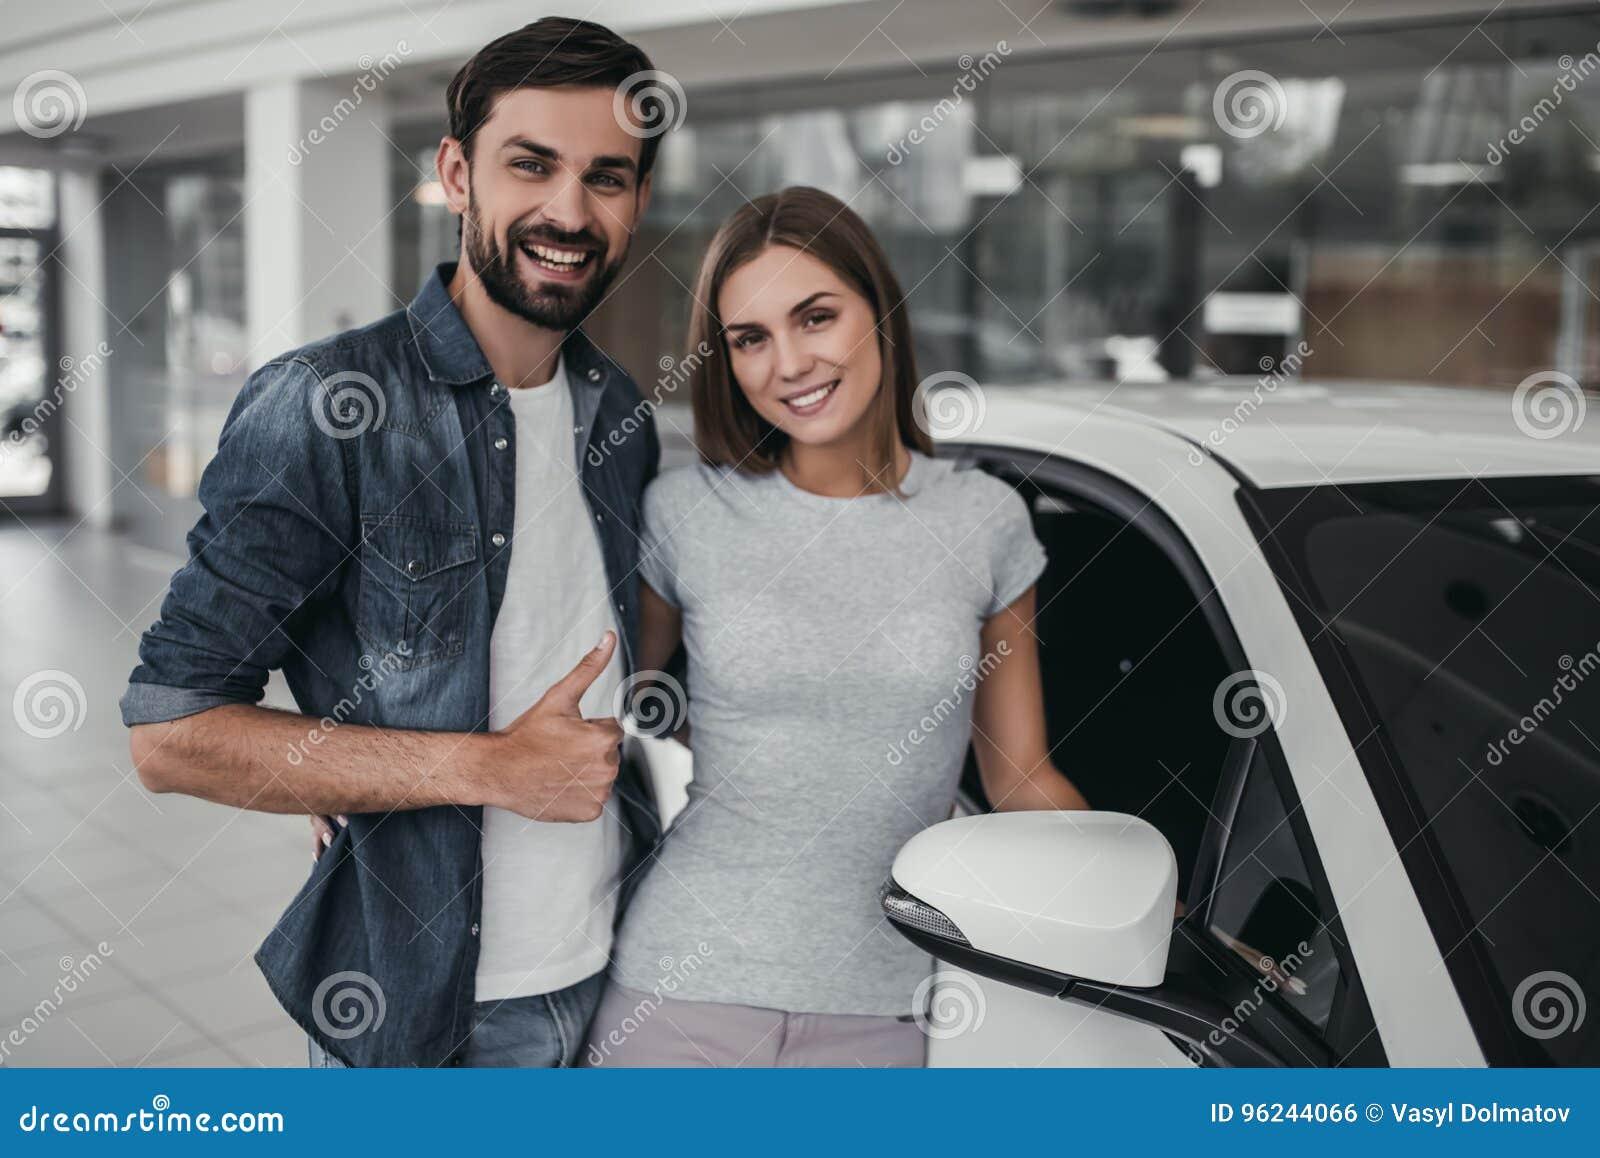 Paare Am Auto Vertragshandler Stockfoto Bild Von Auto Leute 96244066